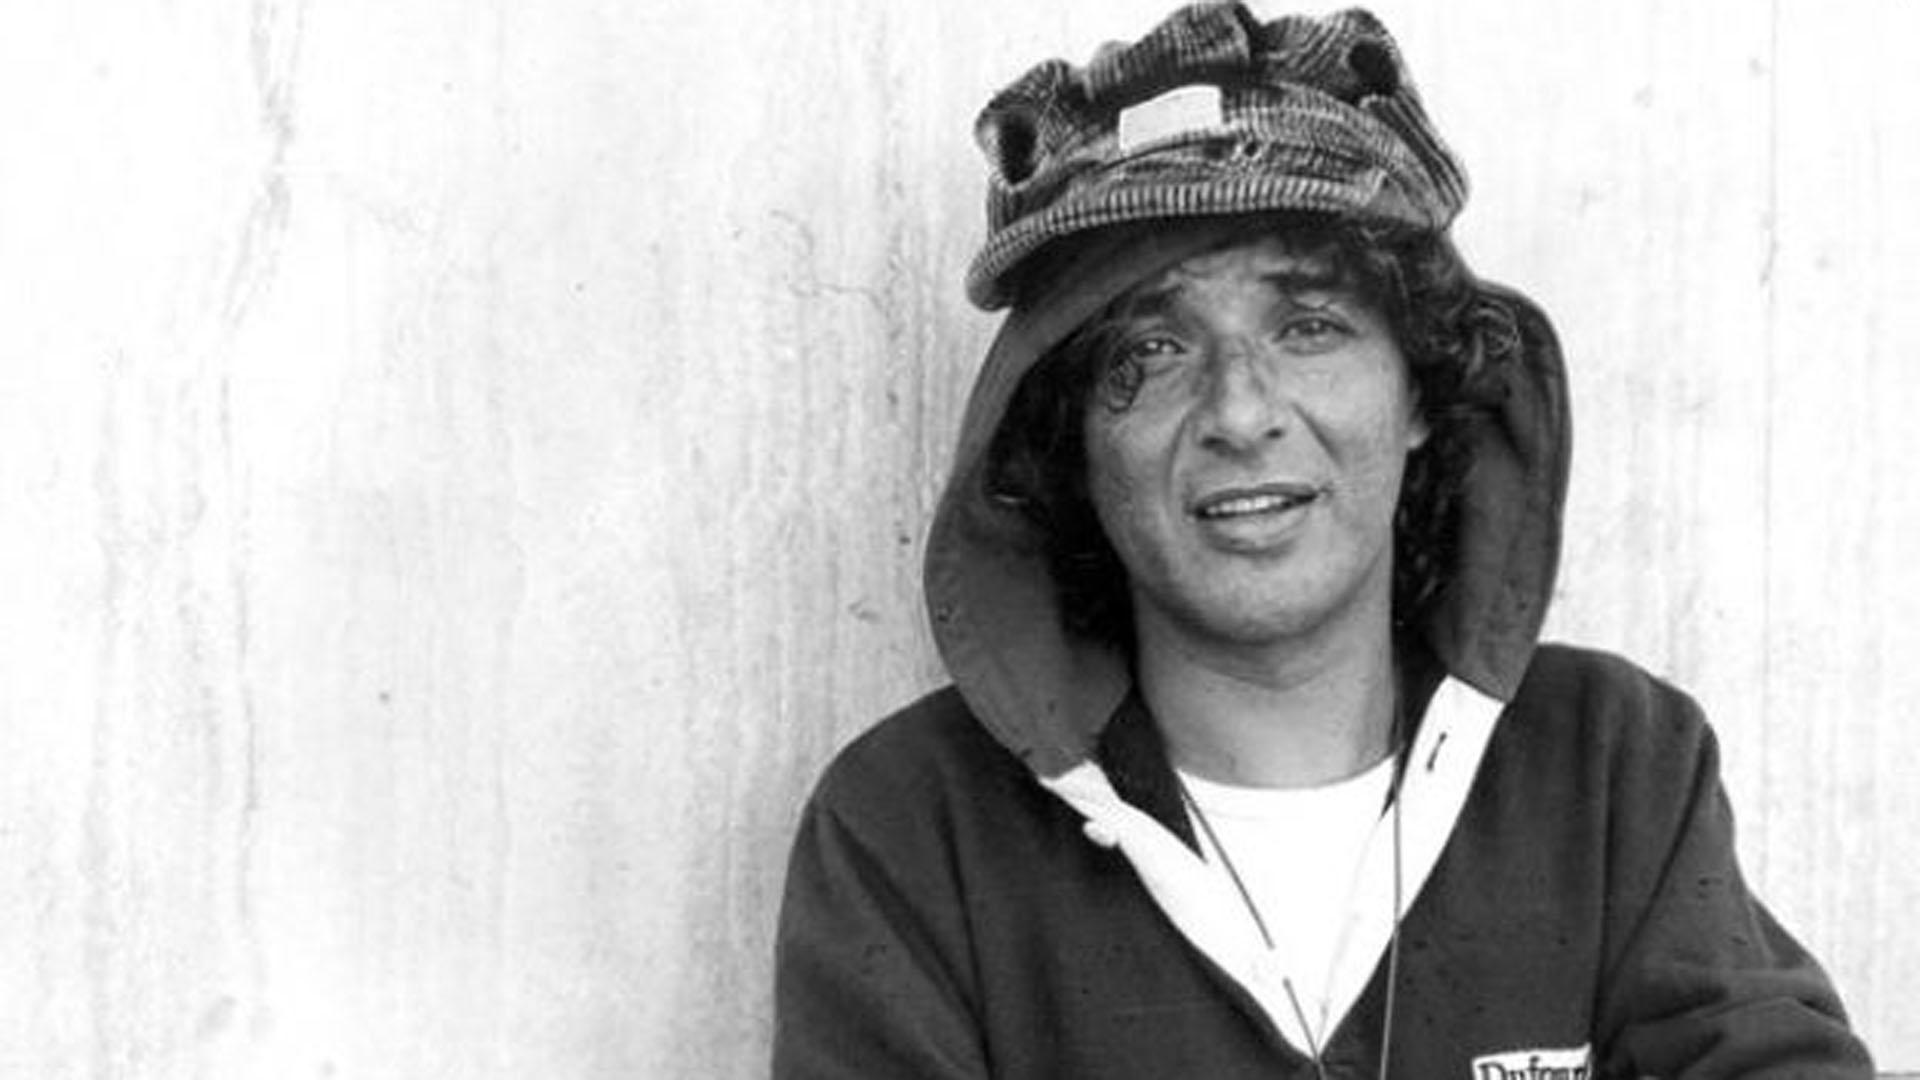 El líder del grupo Los Abuelos de la Nada murió en 1988 por causas asociadas a su infección por VIH